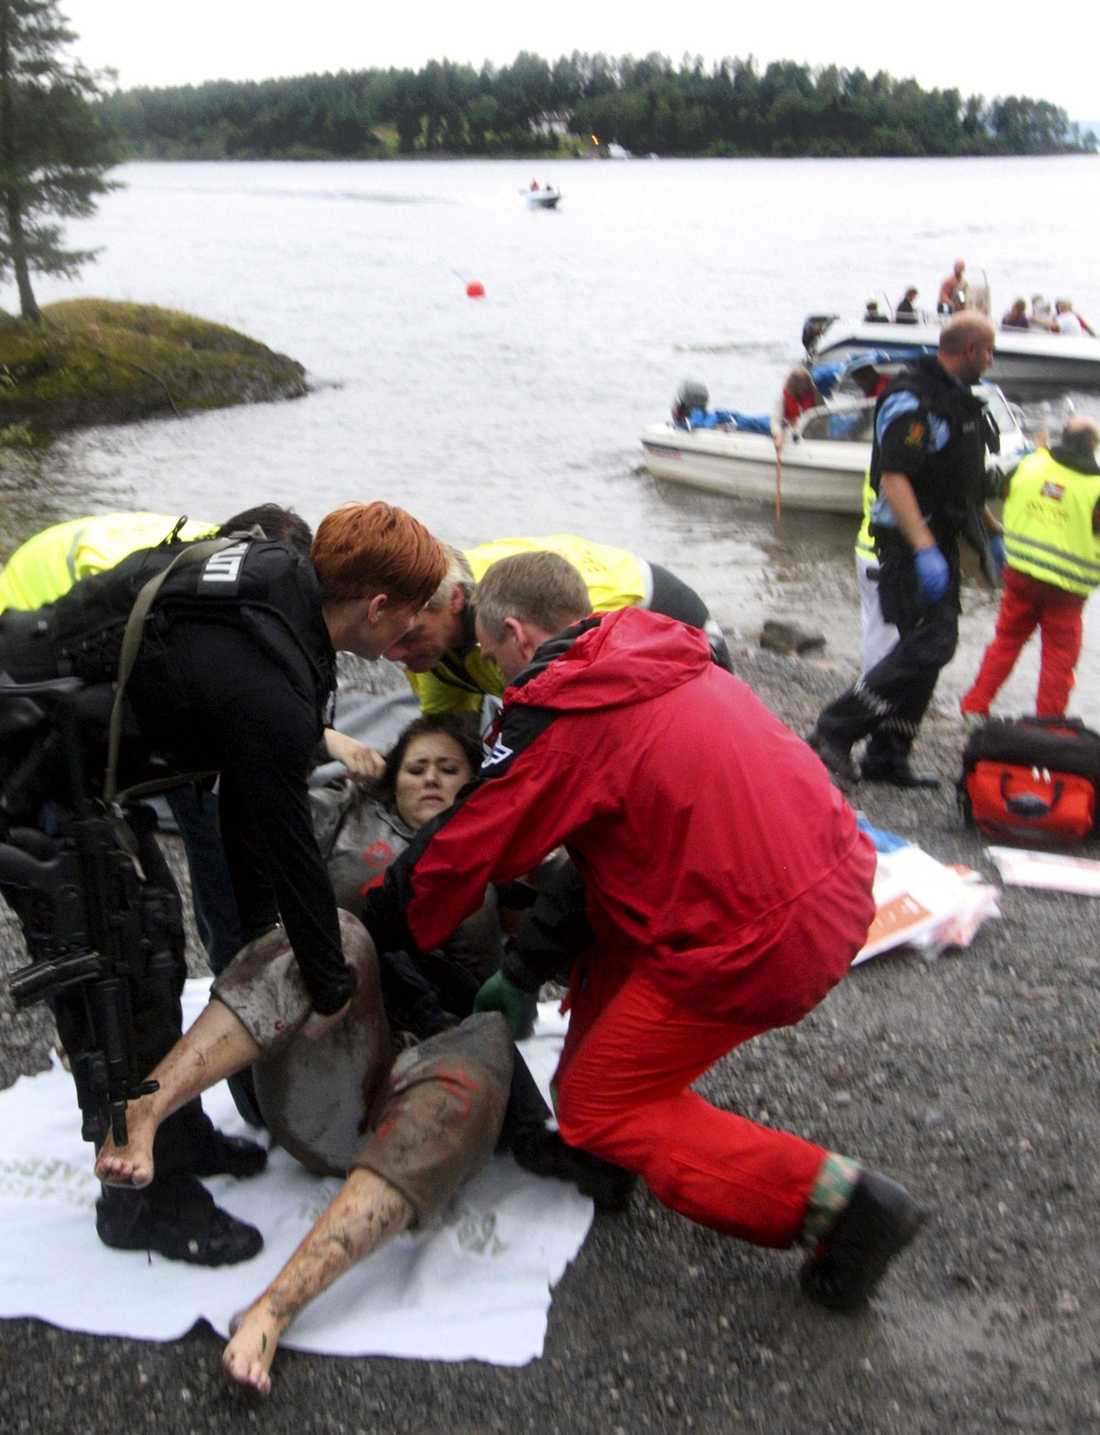 RÄDDAD Mördaren var utklädd till polis när han kom fram till Utøya. På så vis lurade han till sig ungdomar som han sedan avrättade. Men det fanns även de som klarade sig undan mannen efter att antingen ha gömt sig på ön eller simmat ut i vattnet.